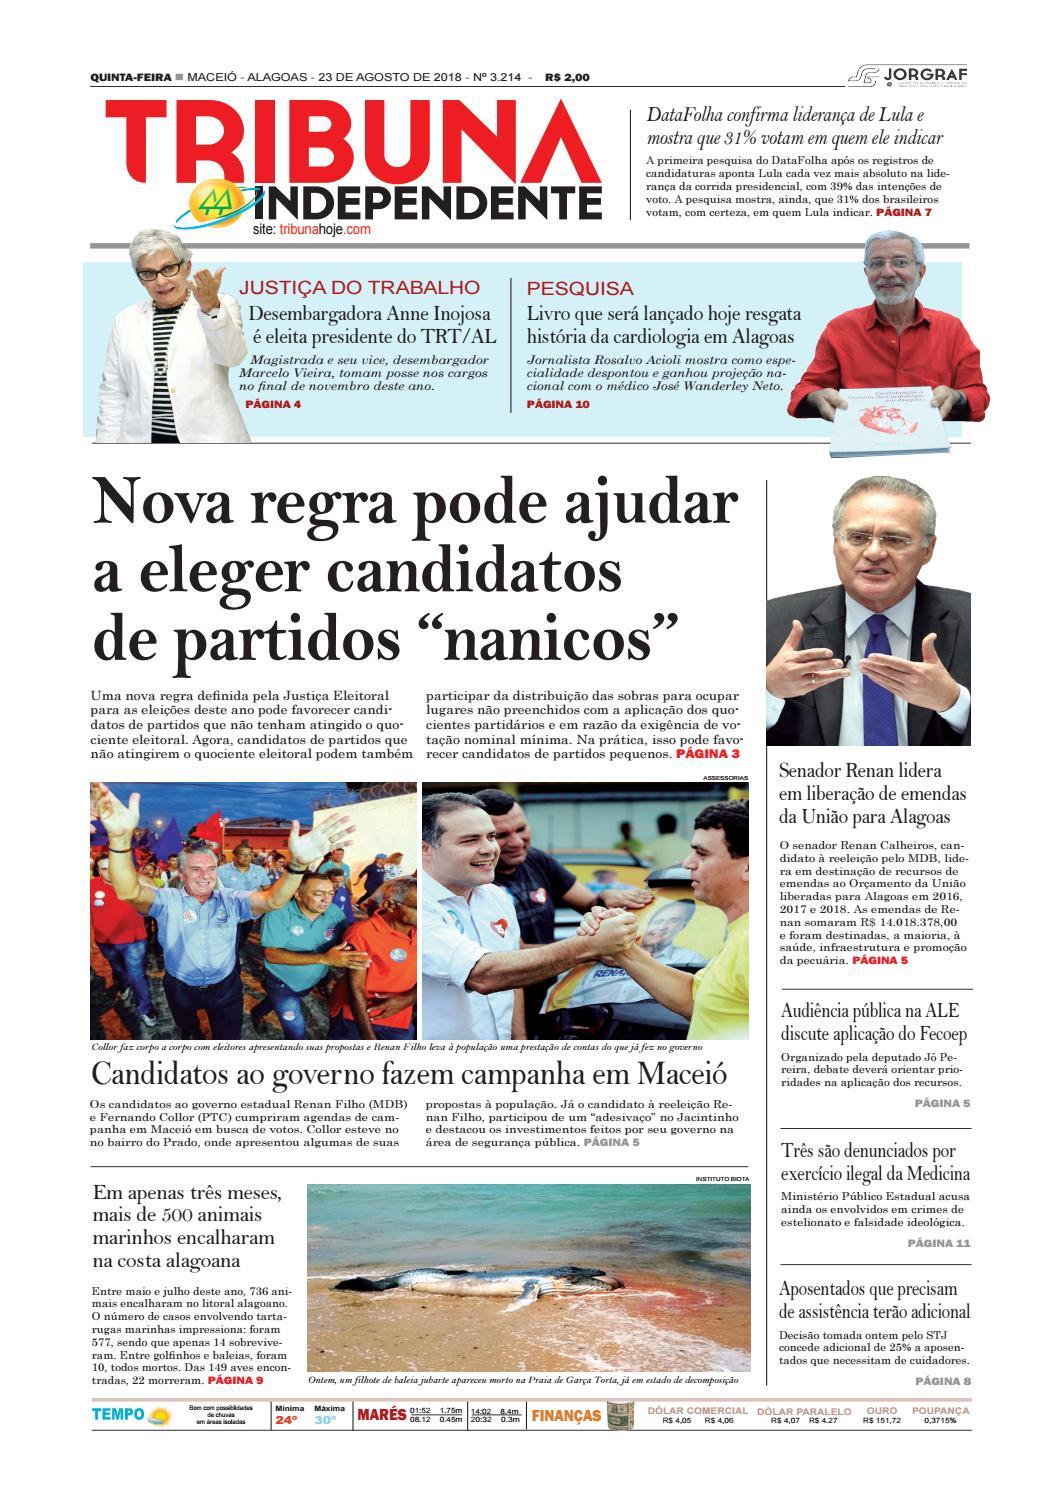 Edição número 3214 - 23 de agosto de 2018 by Tribuna Hoje - issuu 1a8a4ad4506d3